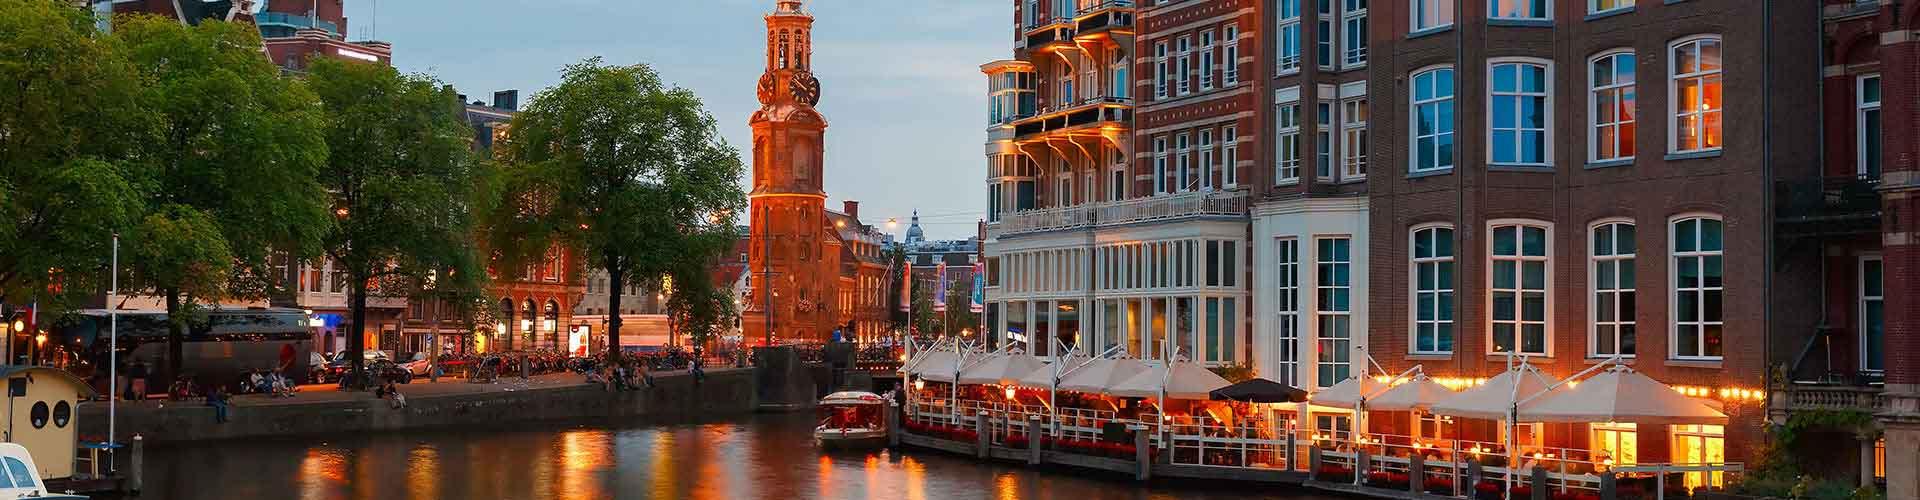 암스테르담 - 뮌트탑와 가까운 호스텔. 암스테르담의 지도, 암스테르담에 위치한 호스텔 사진 및 후기 정보.